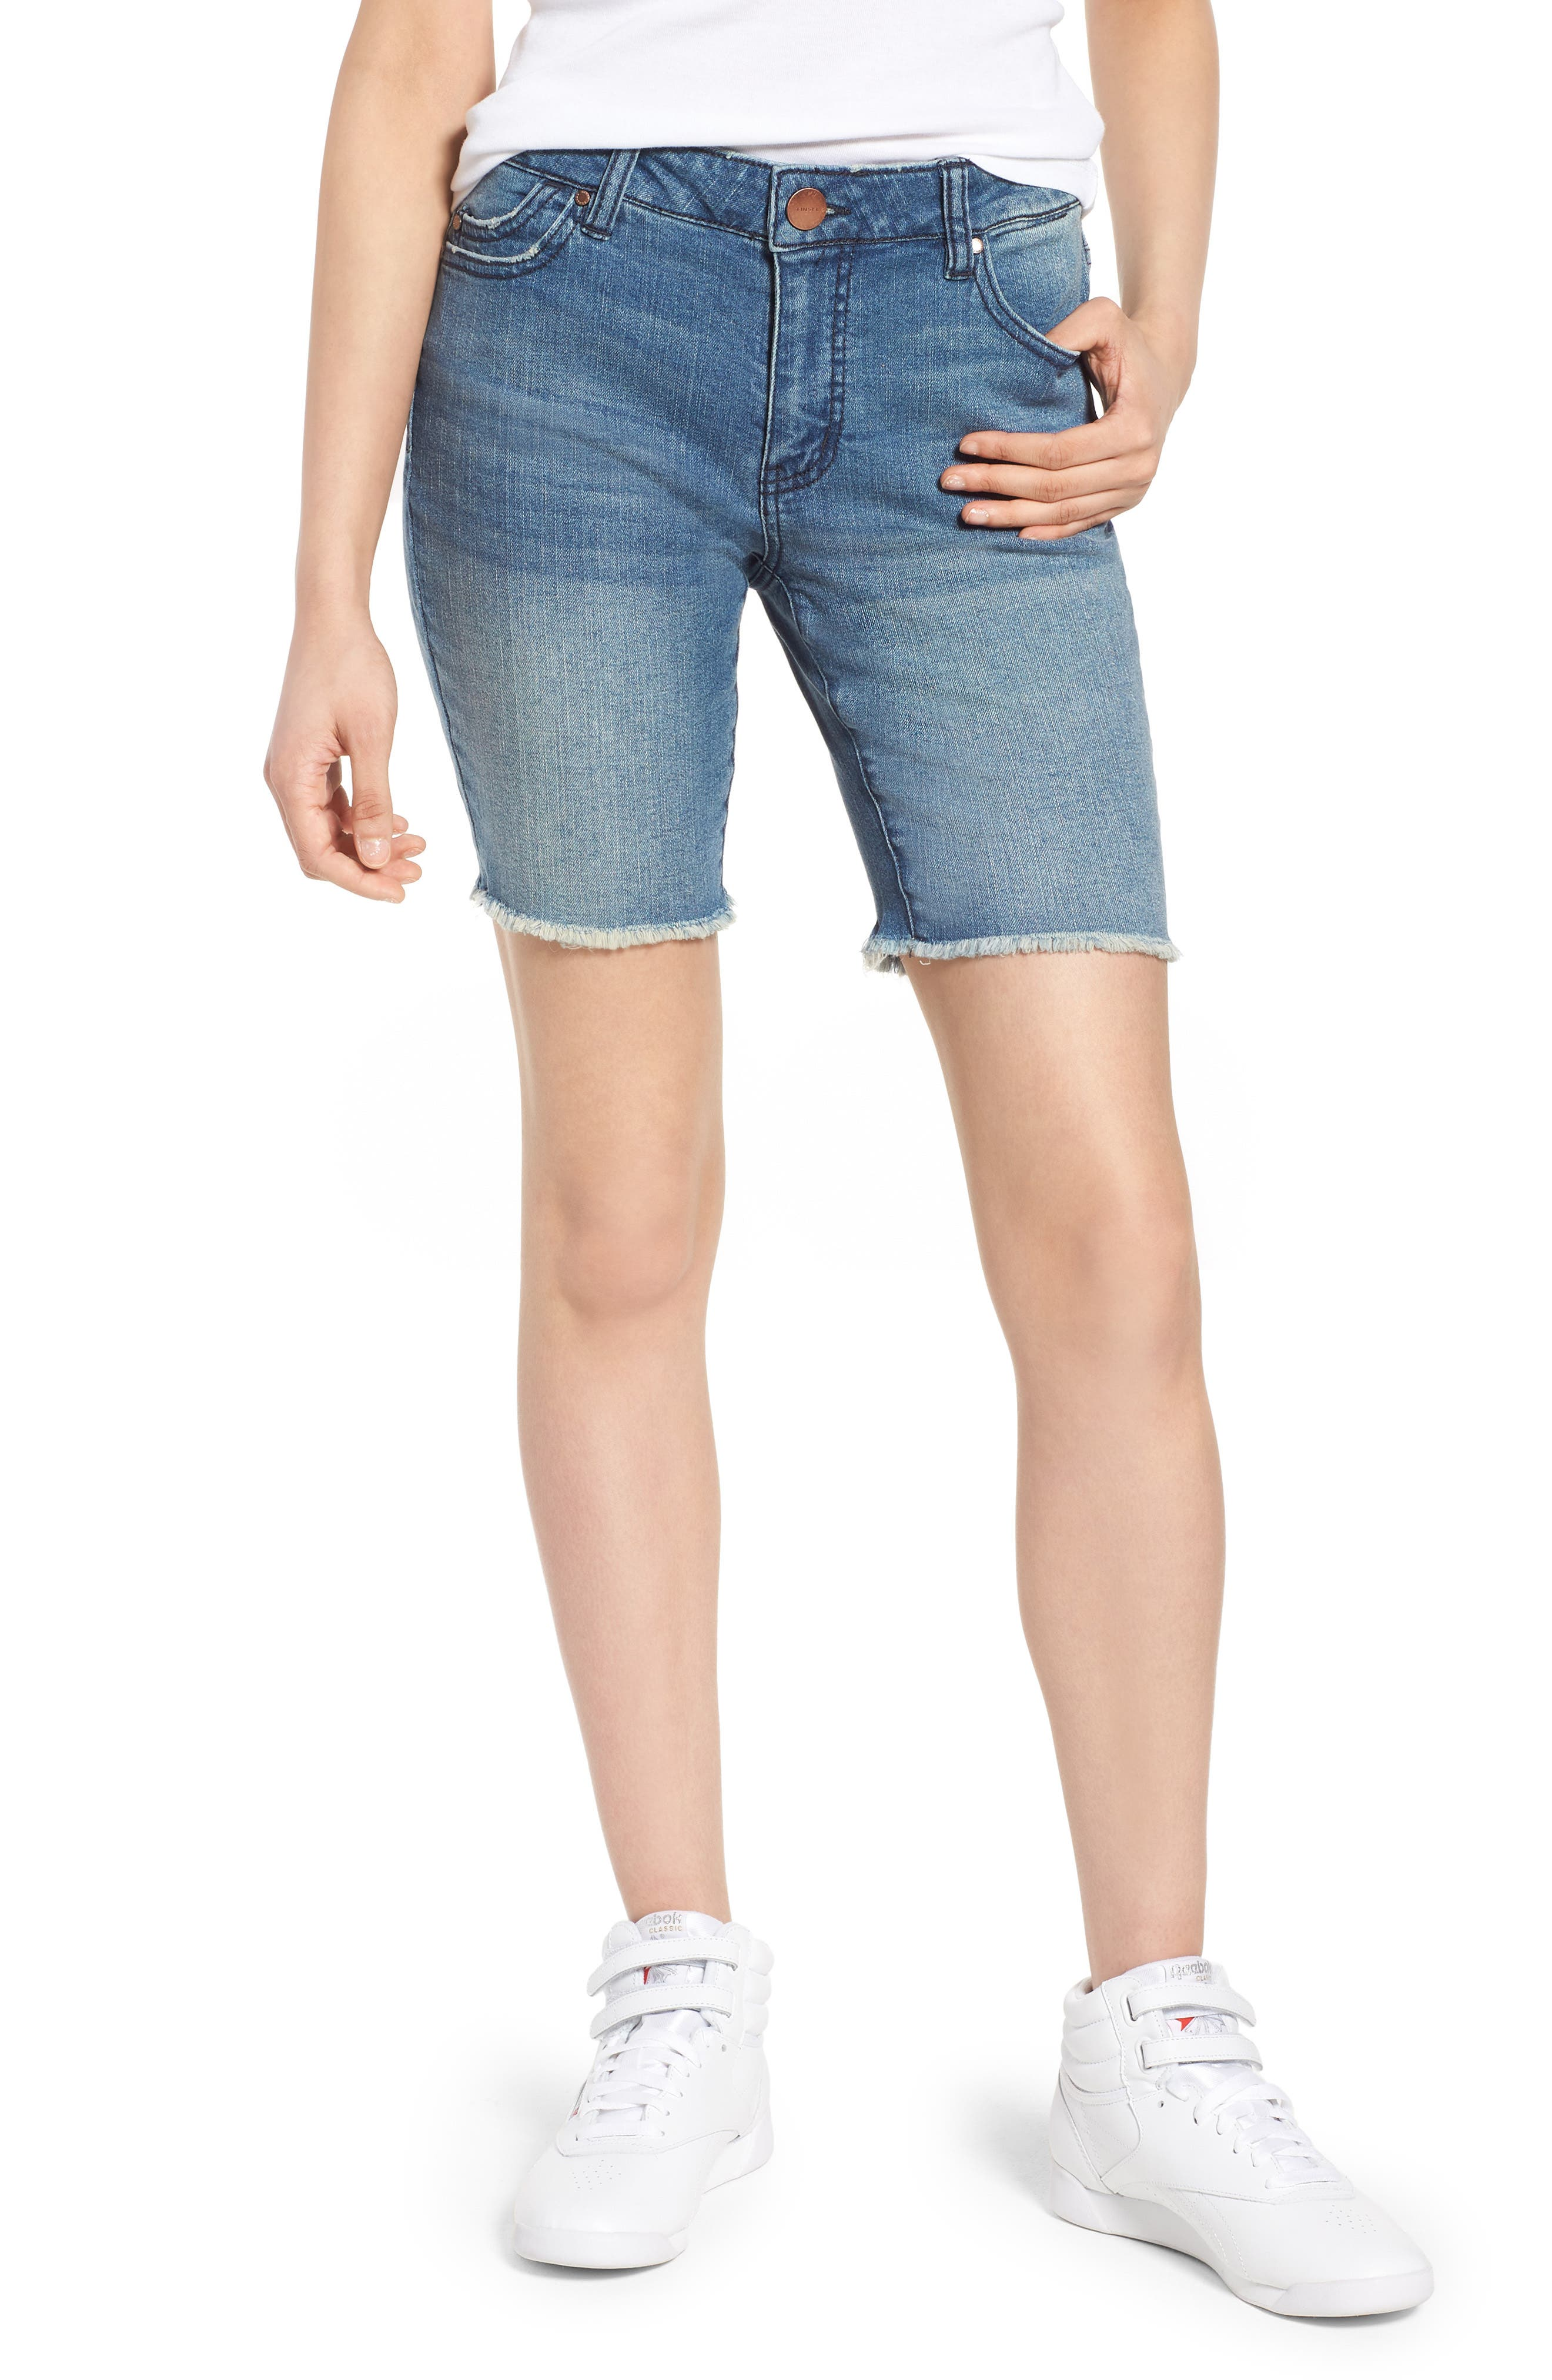 TINSEL Fray Hem Denim Bermuda Shorts, Main, color, 400